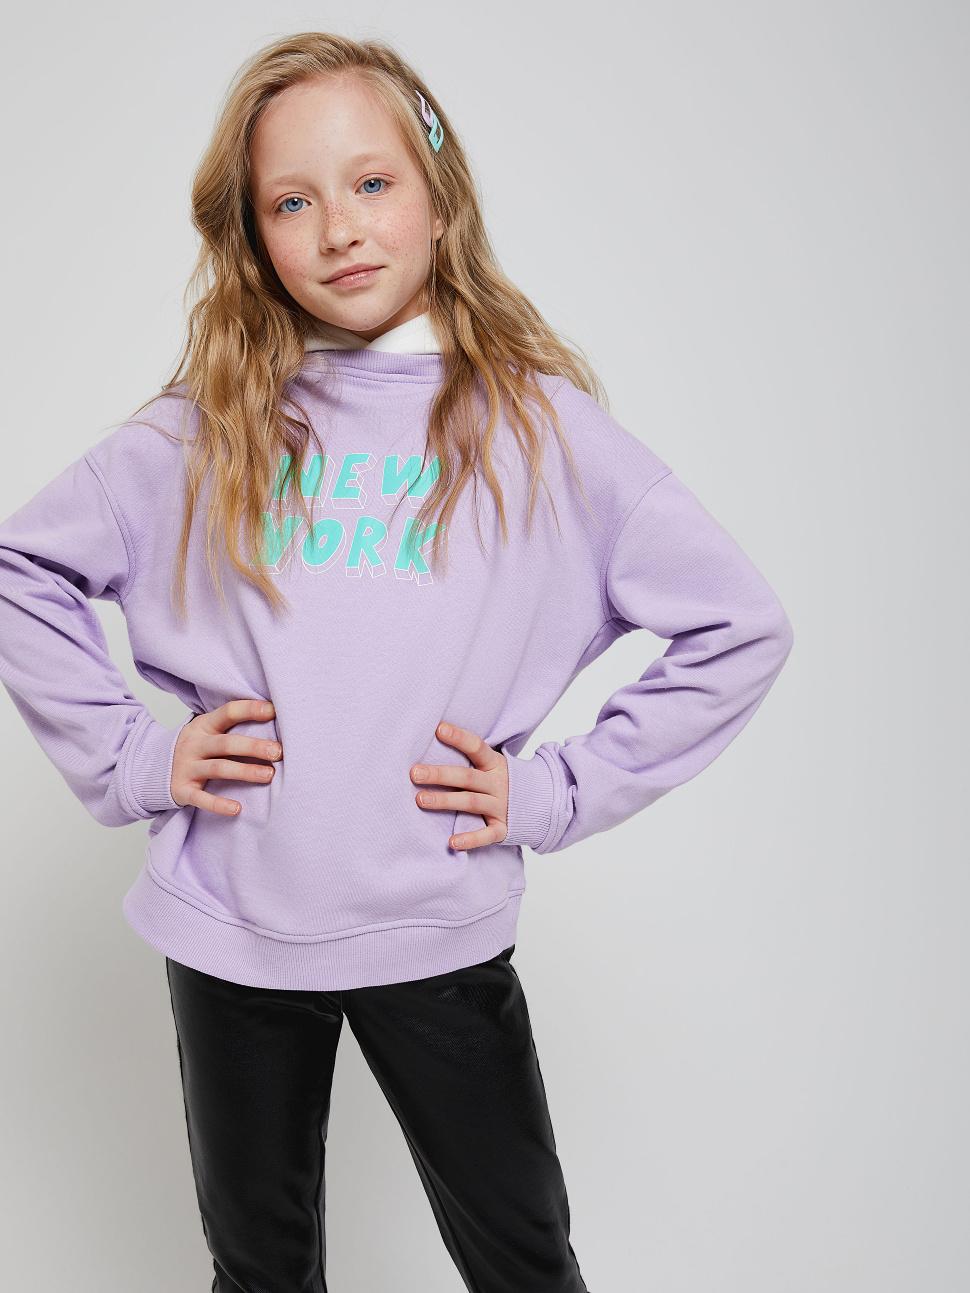 Худи с принтом для девочек цвет: сиреневый, артикул: 1802050429 - купить в интернет-магазине sela